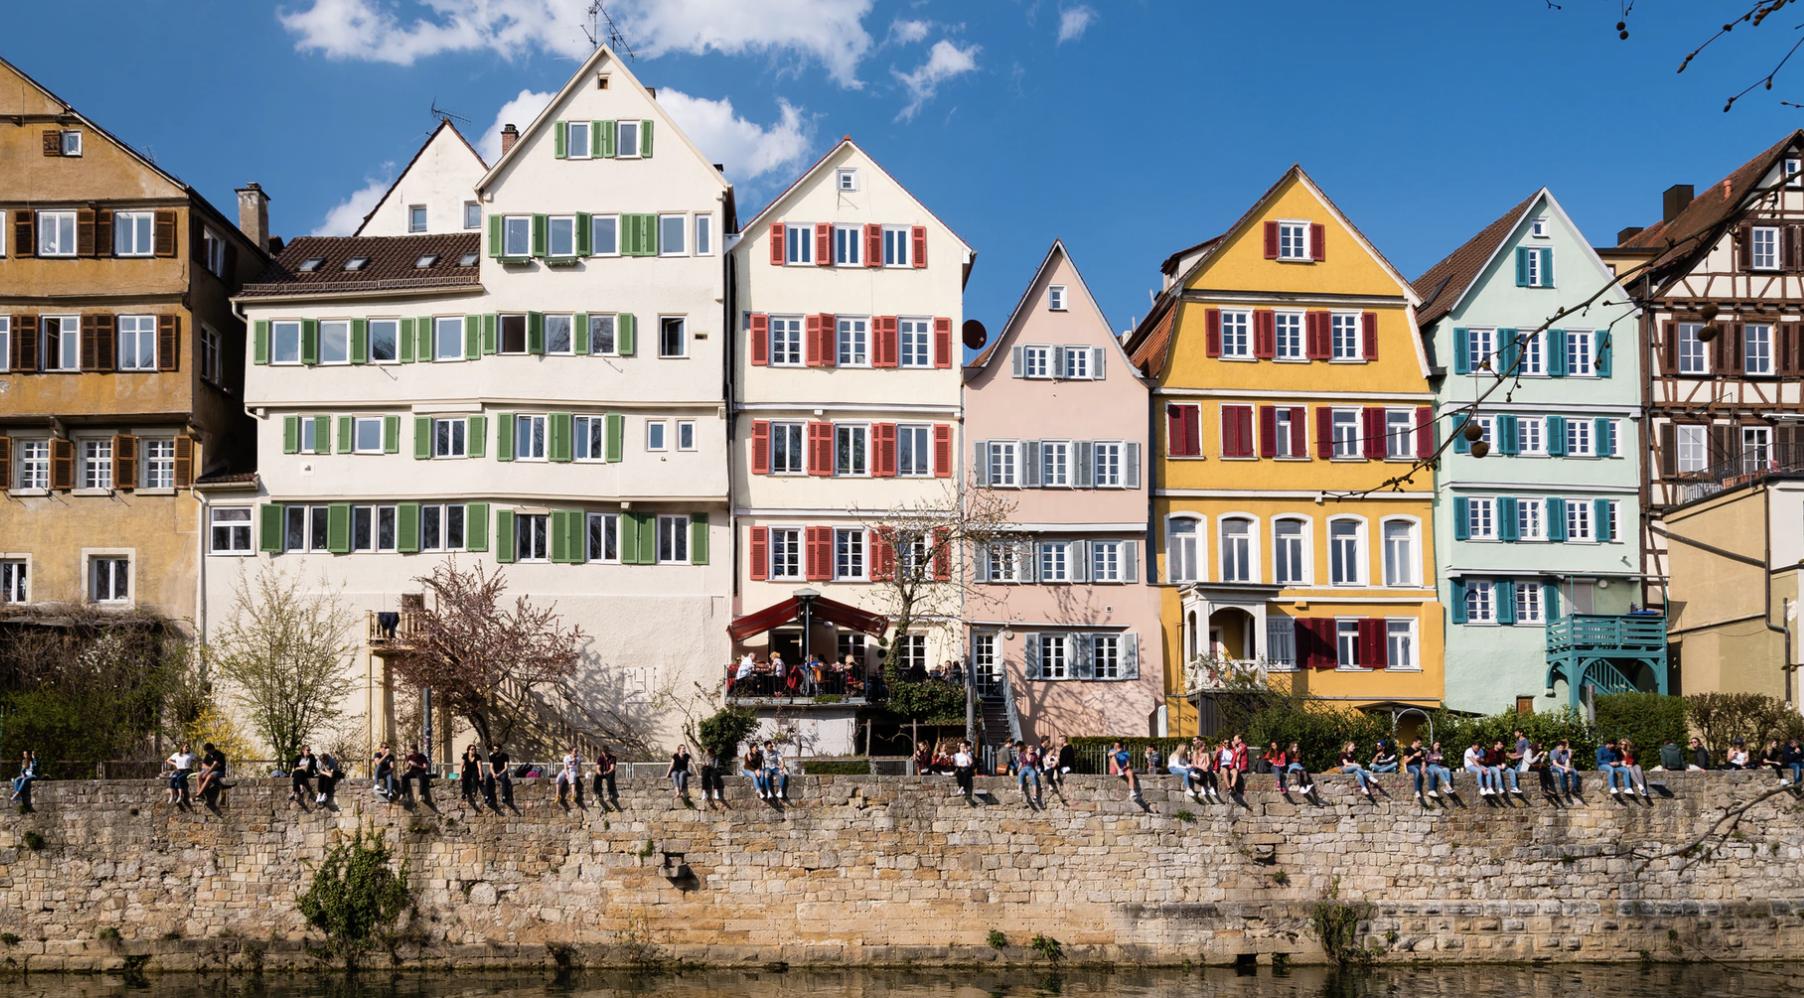 Liste der größten Bauunternehmen in Tübingen